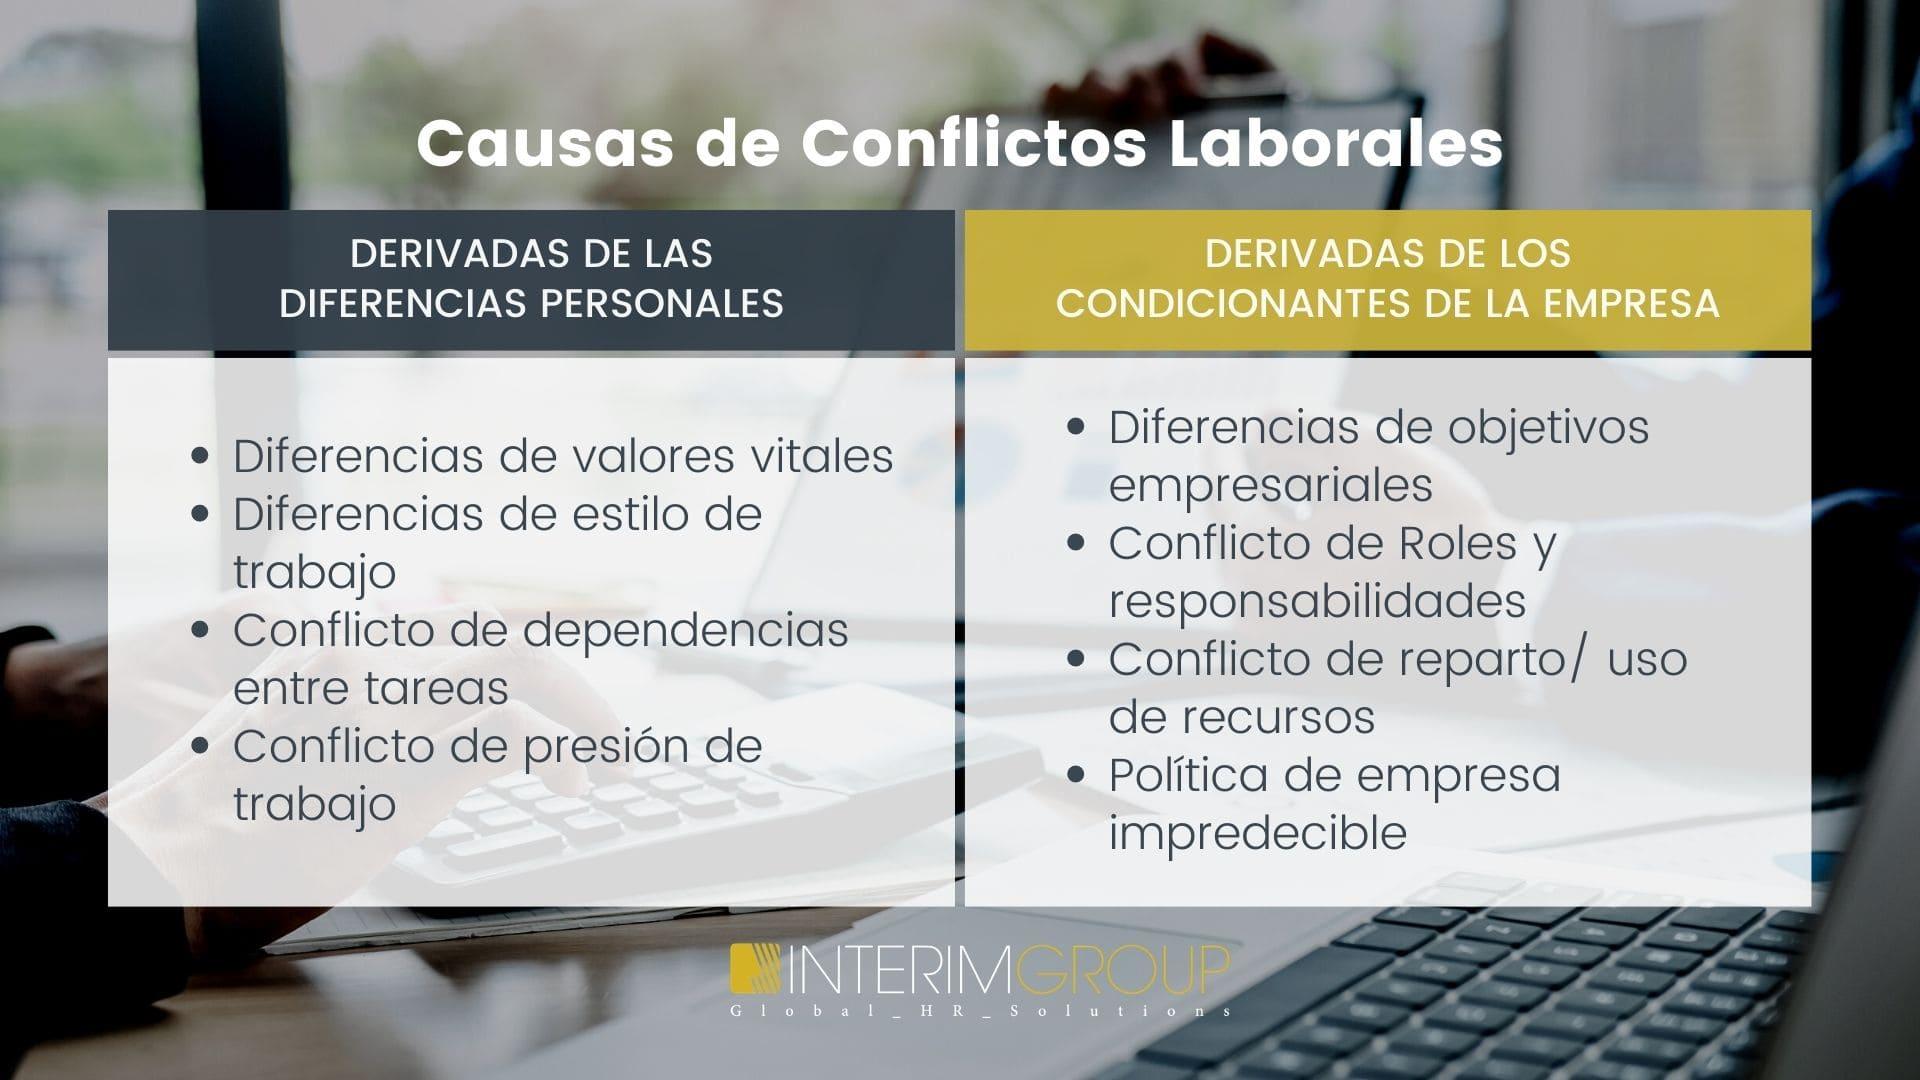 Resolver-conflictos-laborales_Causas_INTERIM-GROUP